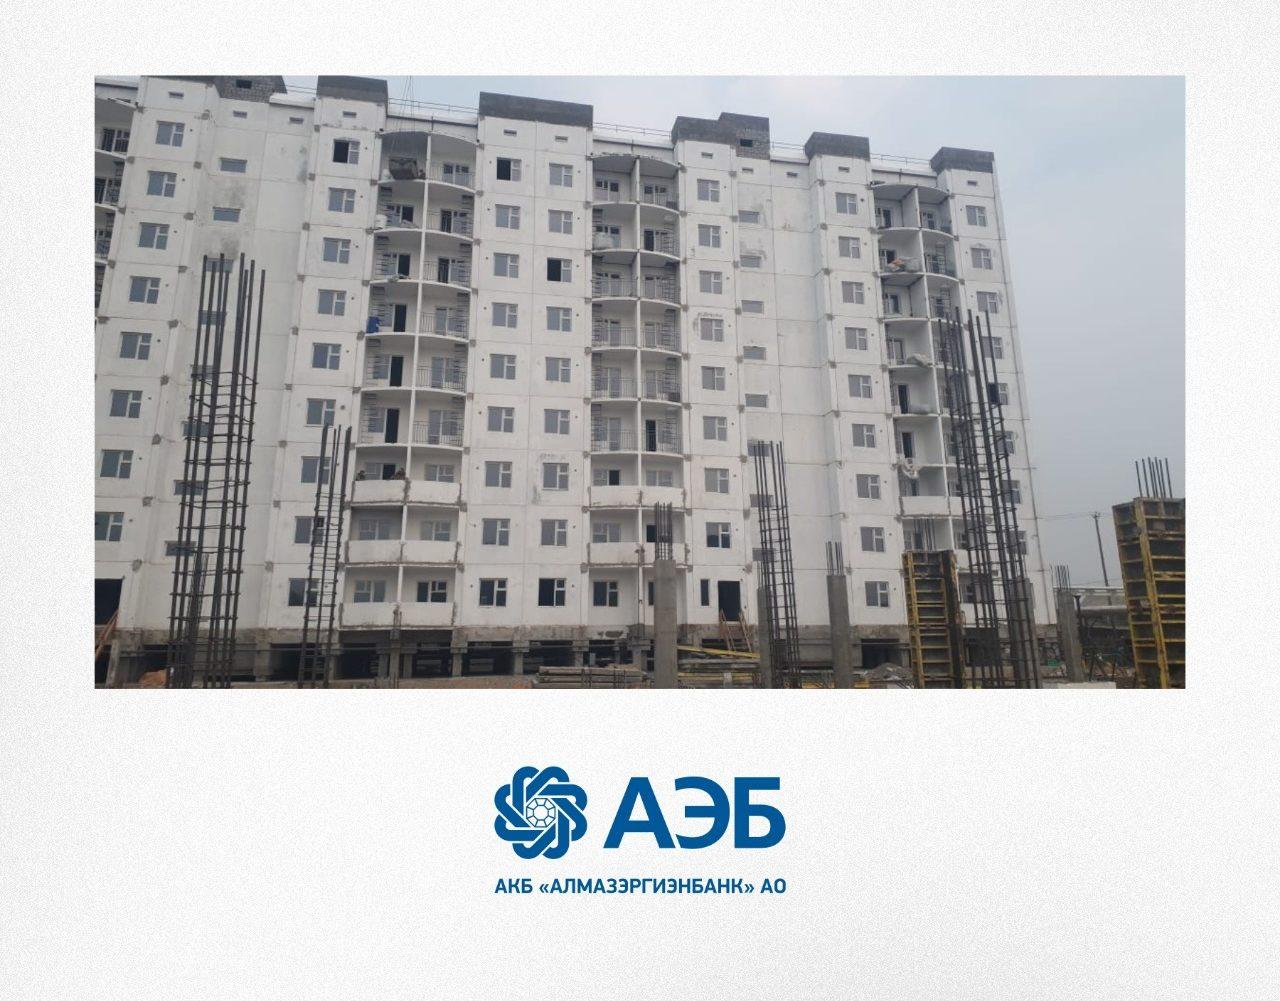 Дальневосточная ипотека в АЭБ на новостройки ДСК